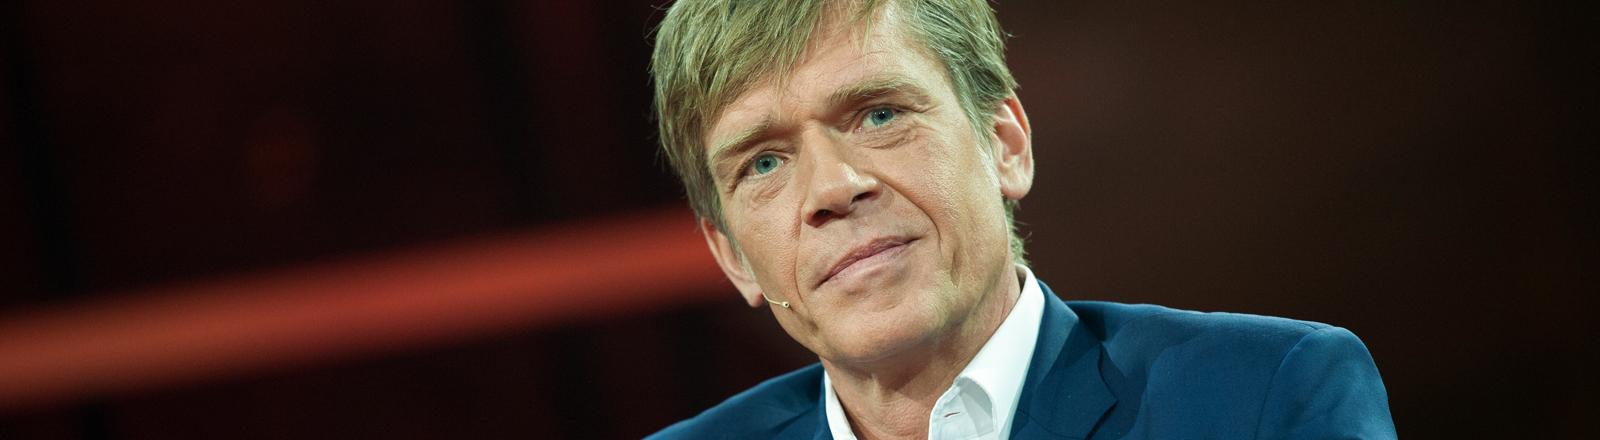 Hajo Schumacher, Journalist, sitzt am 11.10.2015 in Berlin im Gasometer in der ARD-Talkreihe Günther Jauch.